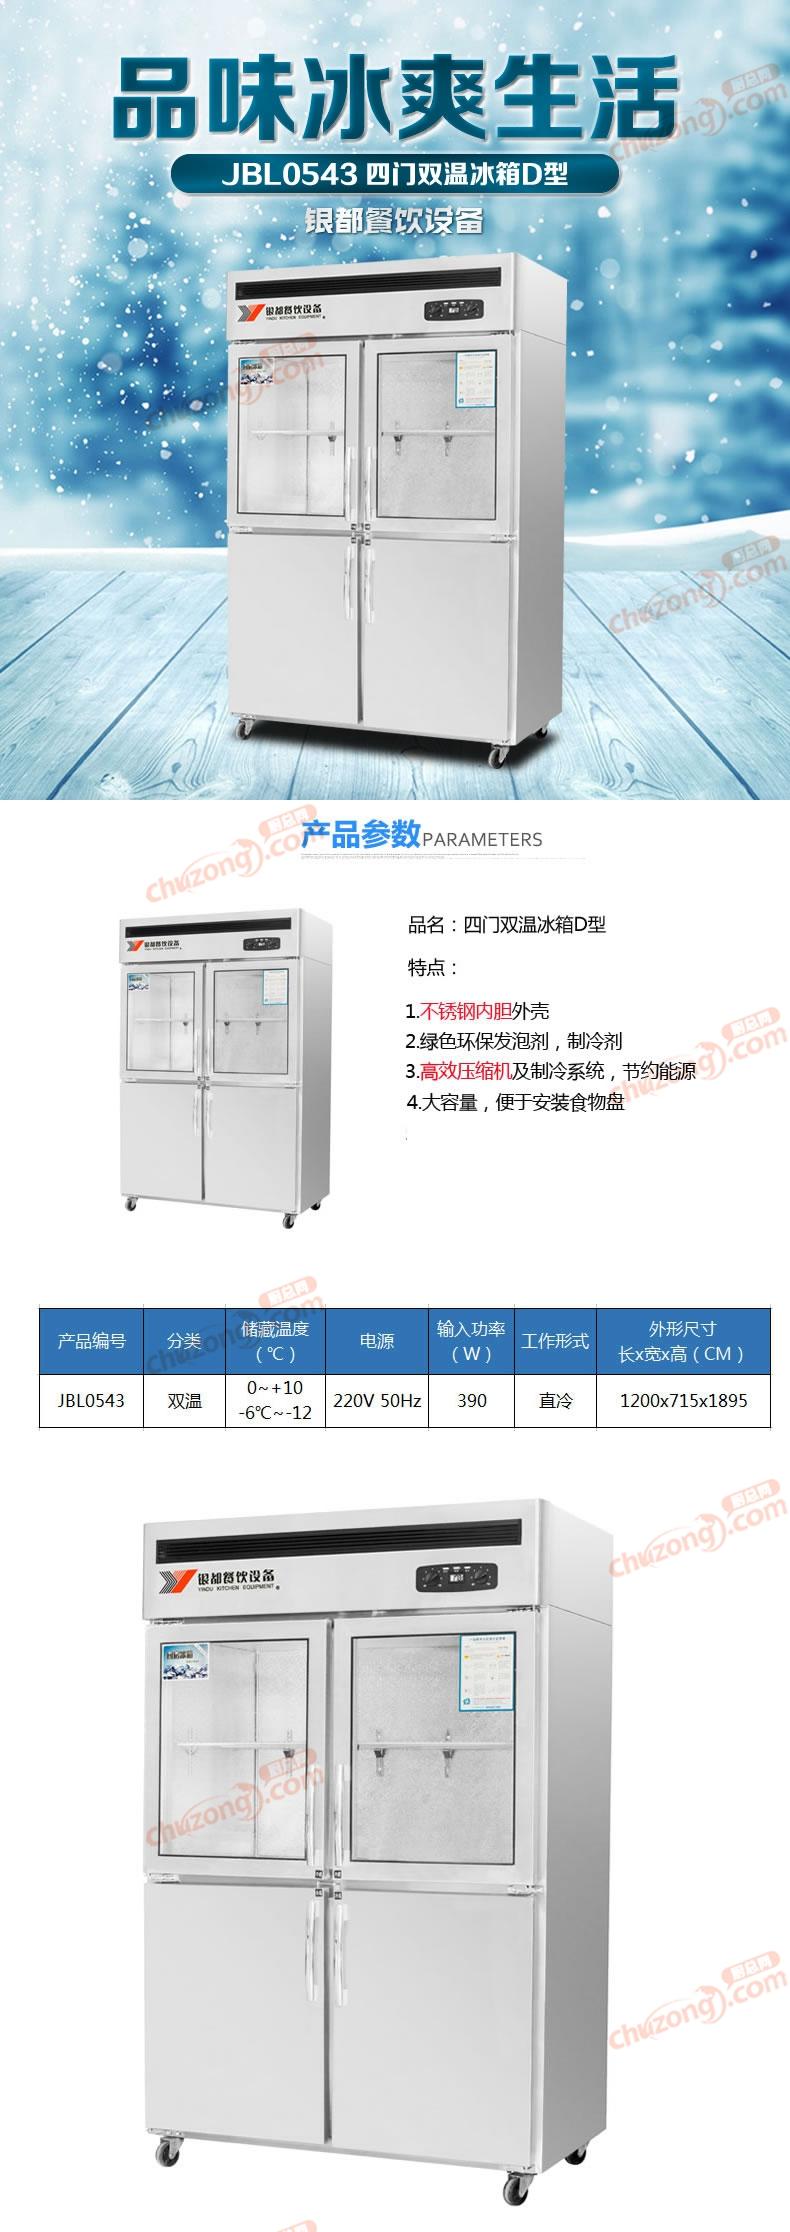 銀都四門雙溫冰箱JBL0543詳情圖